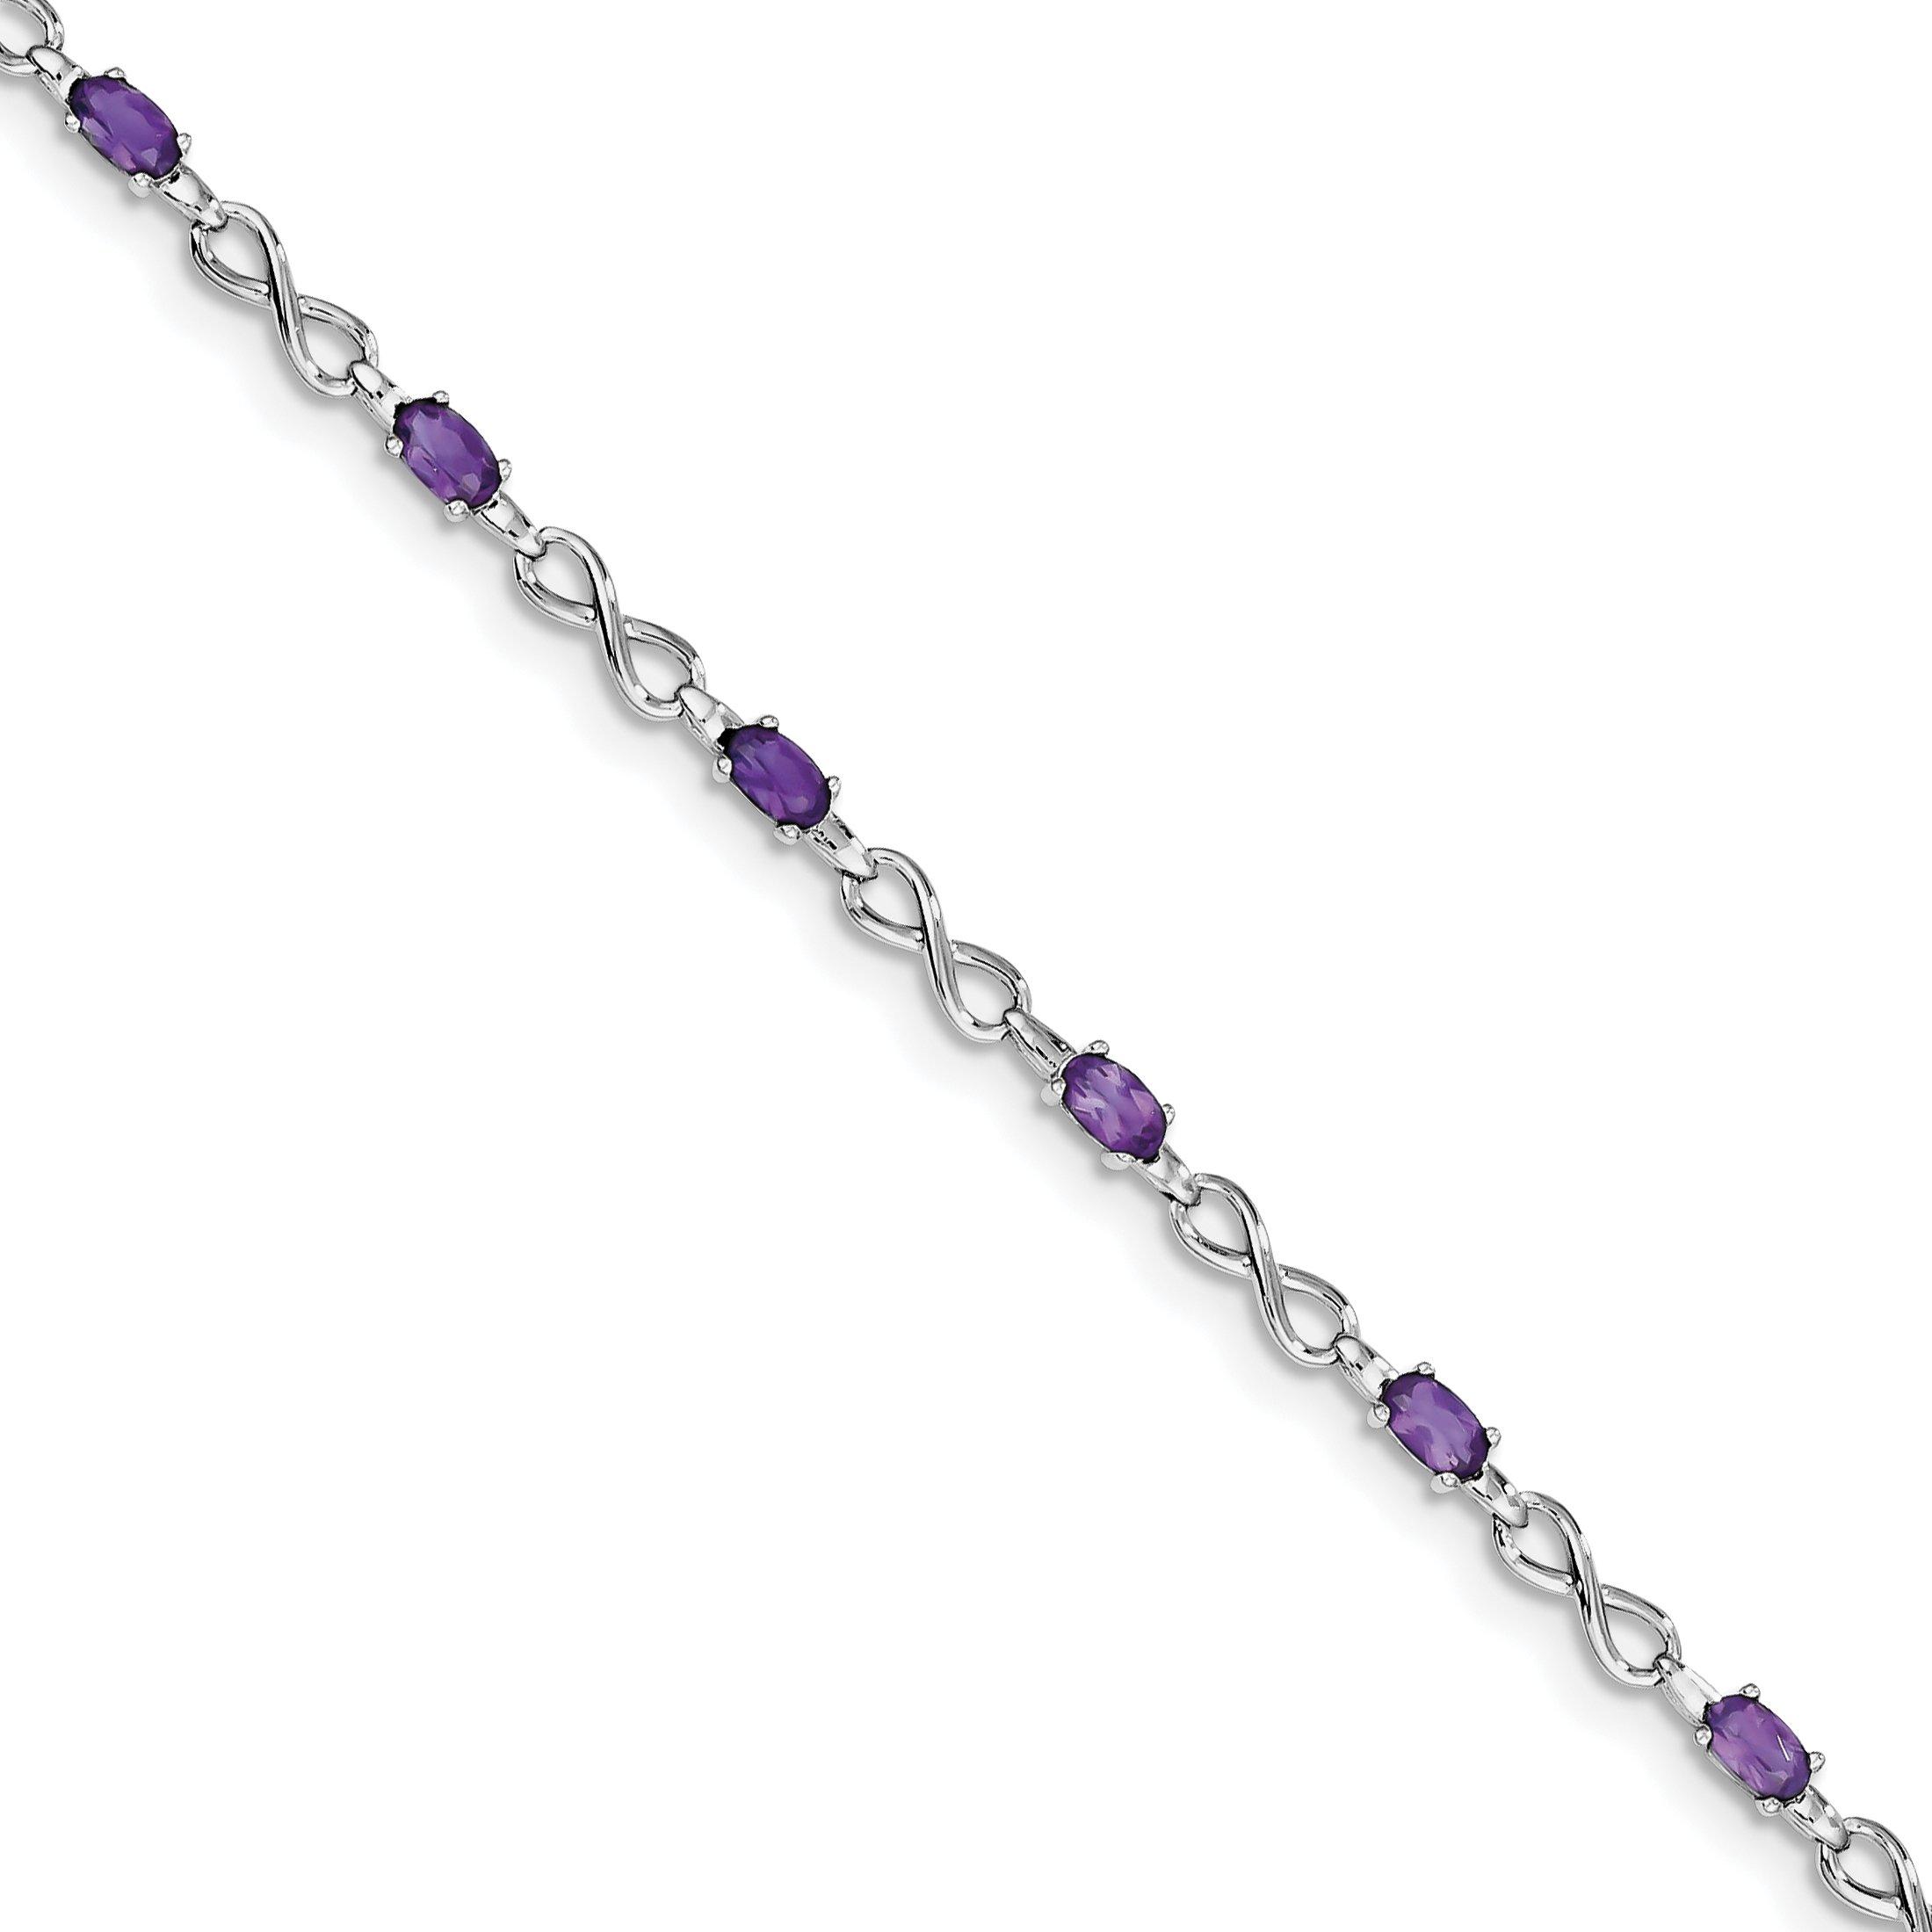 ICE CARATS 925 Sterling Silver Purple Amethyst Bracelet 7.50 Inch Infinity Gemstone Fine Jewelry Gift Set For Women Heart